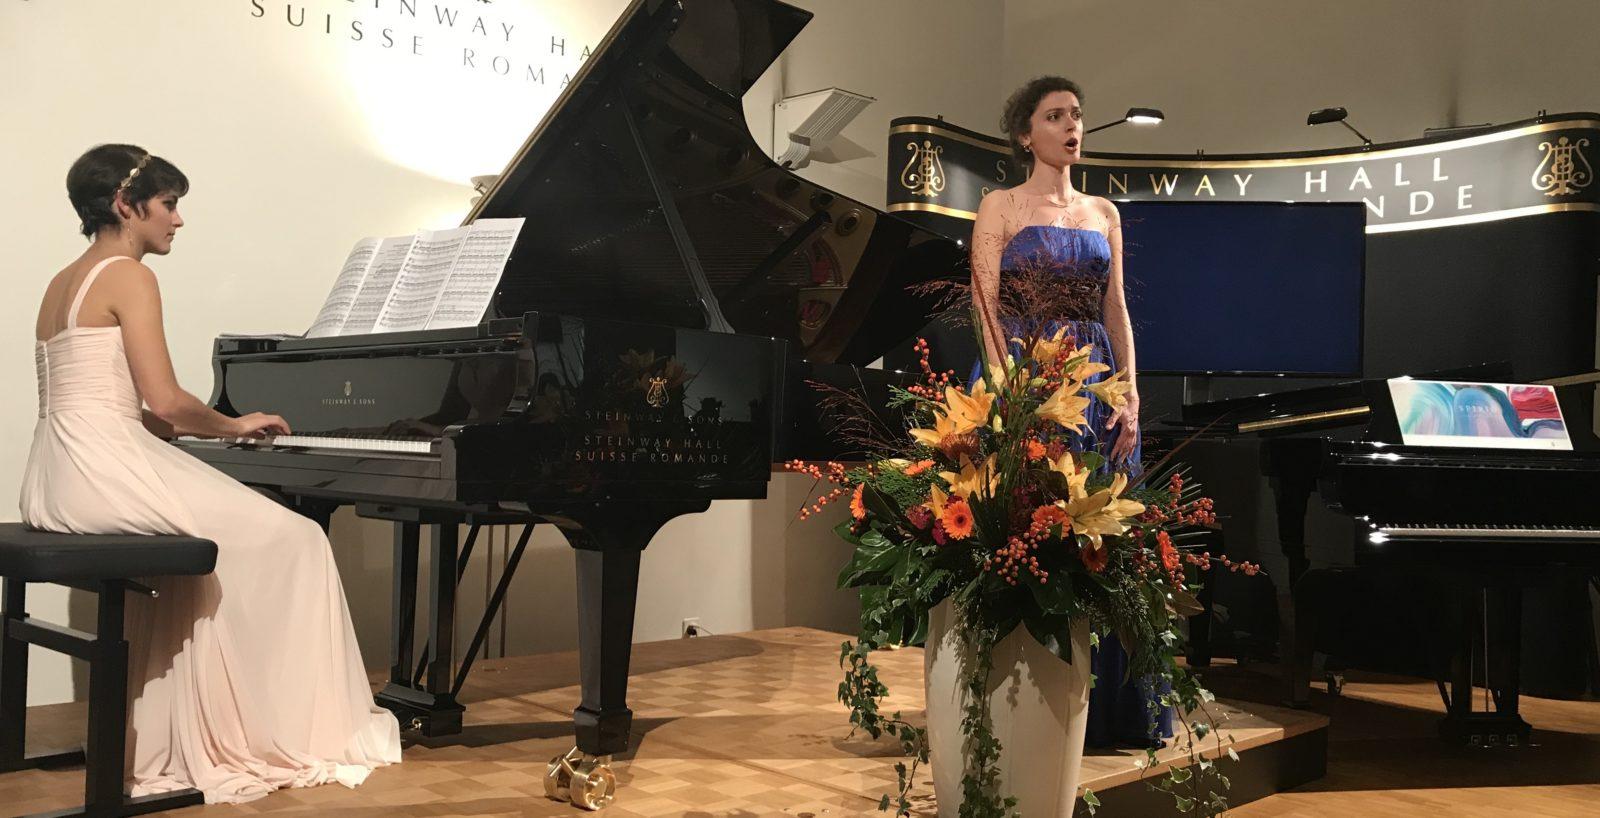 Steinway Hall Suisse Romande Elisabeth Montabone et Lise Khatib